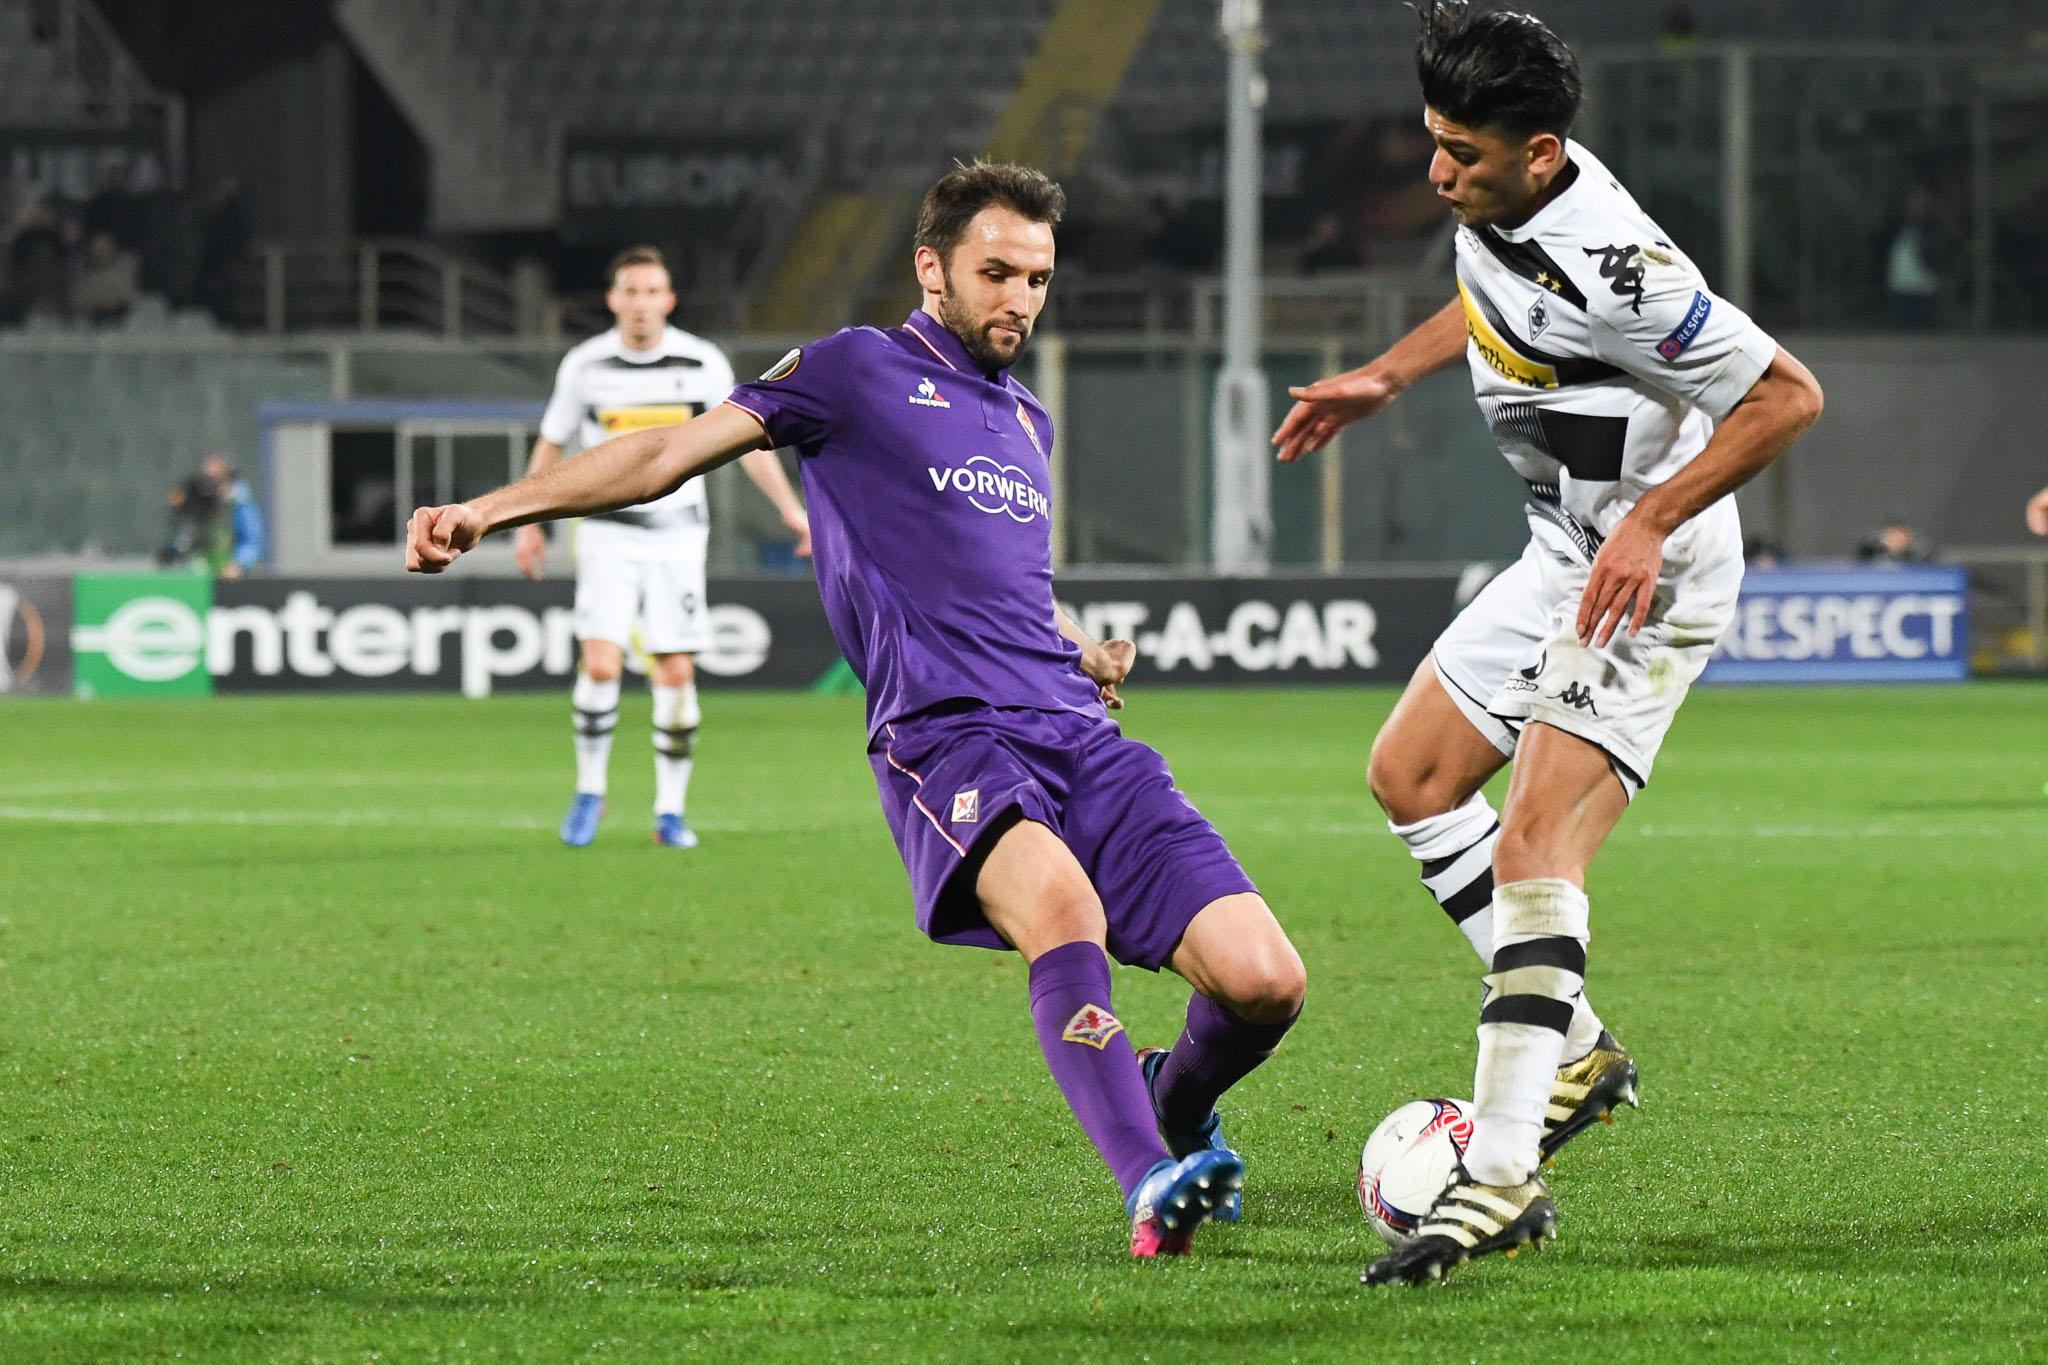 Calciomercato, dopo Kessie il Milan punta un altro centrocampista: idea Badelj?